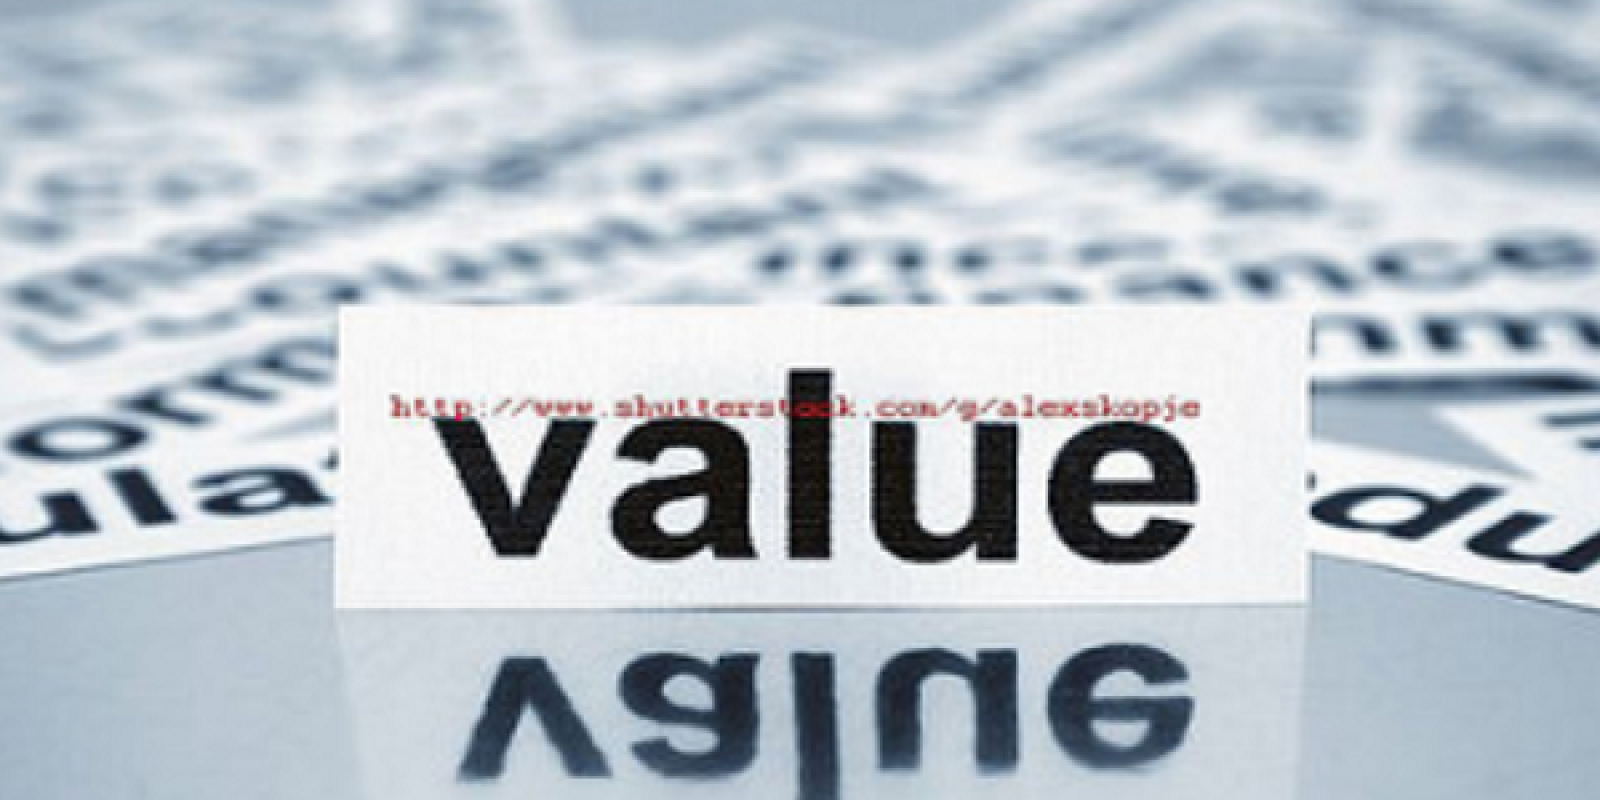 מה כל כך קשה בהטמעת ערכים חדשים לארגון? איך נטמיע שיתוף פעולה בארגון?